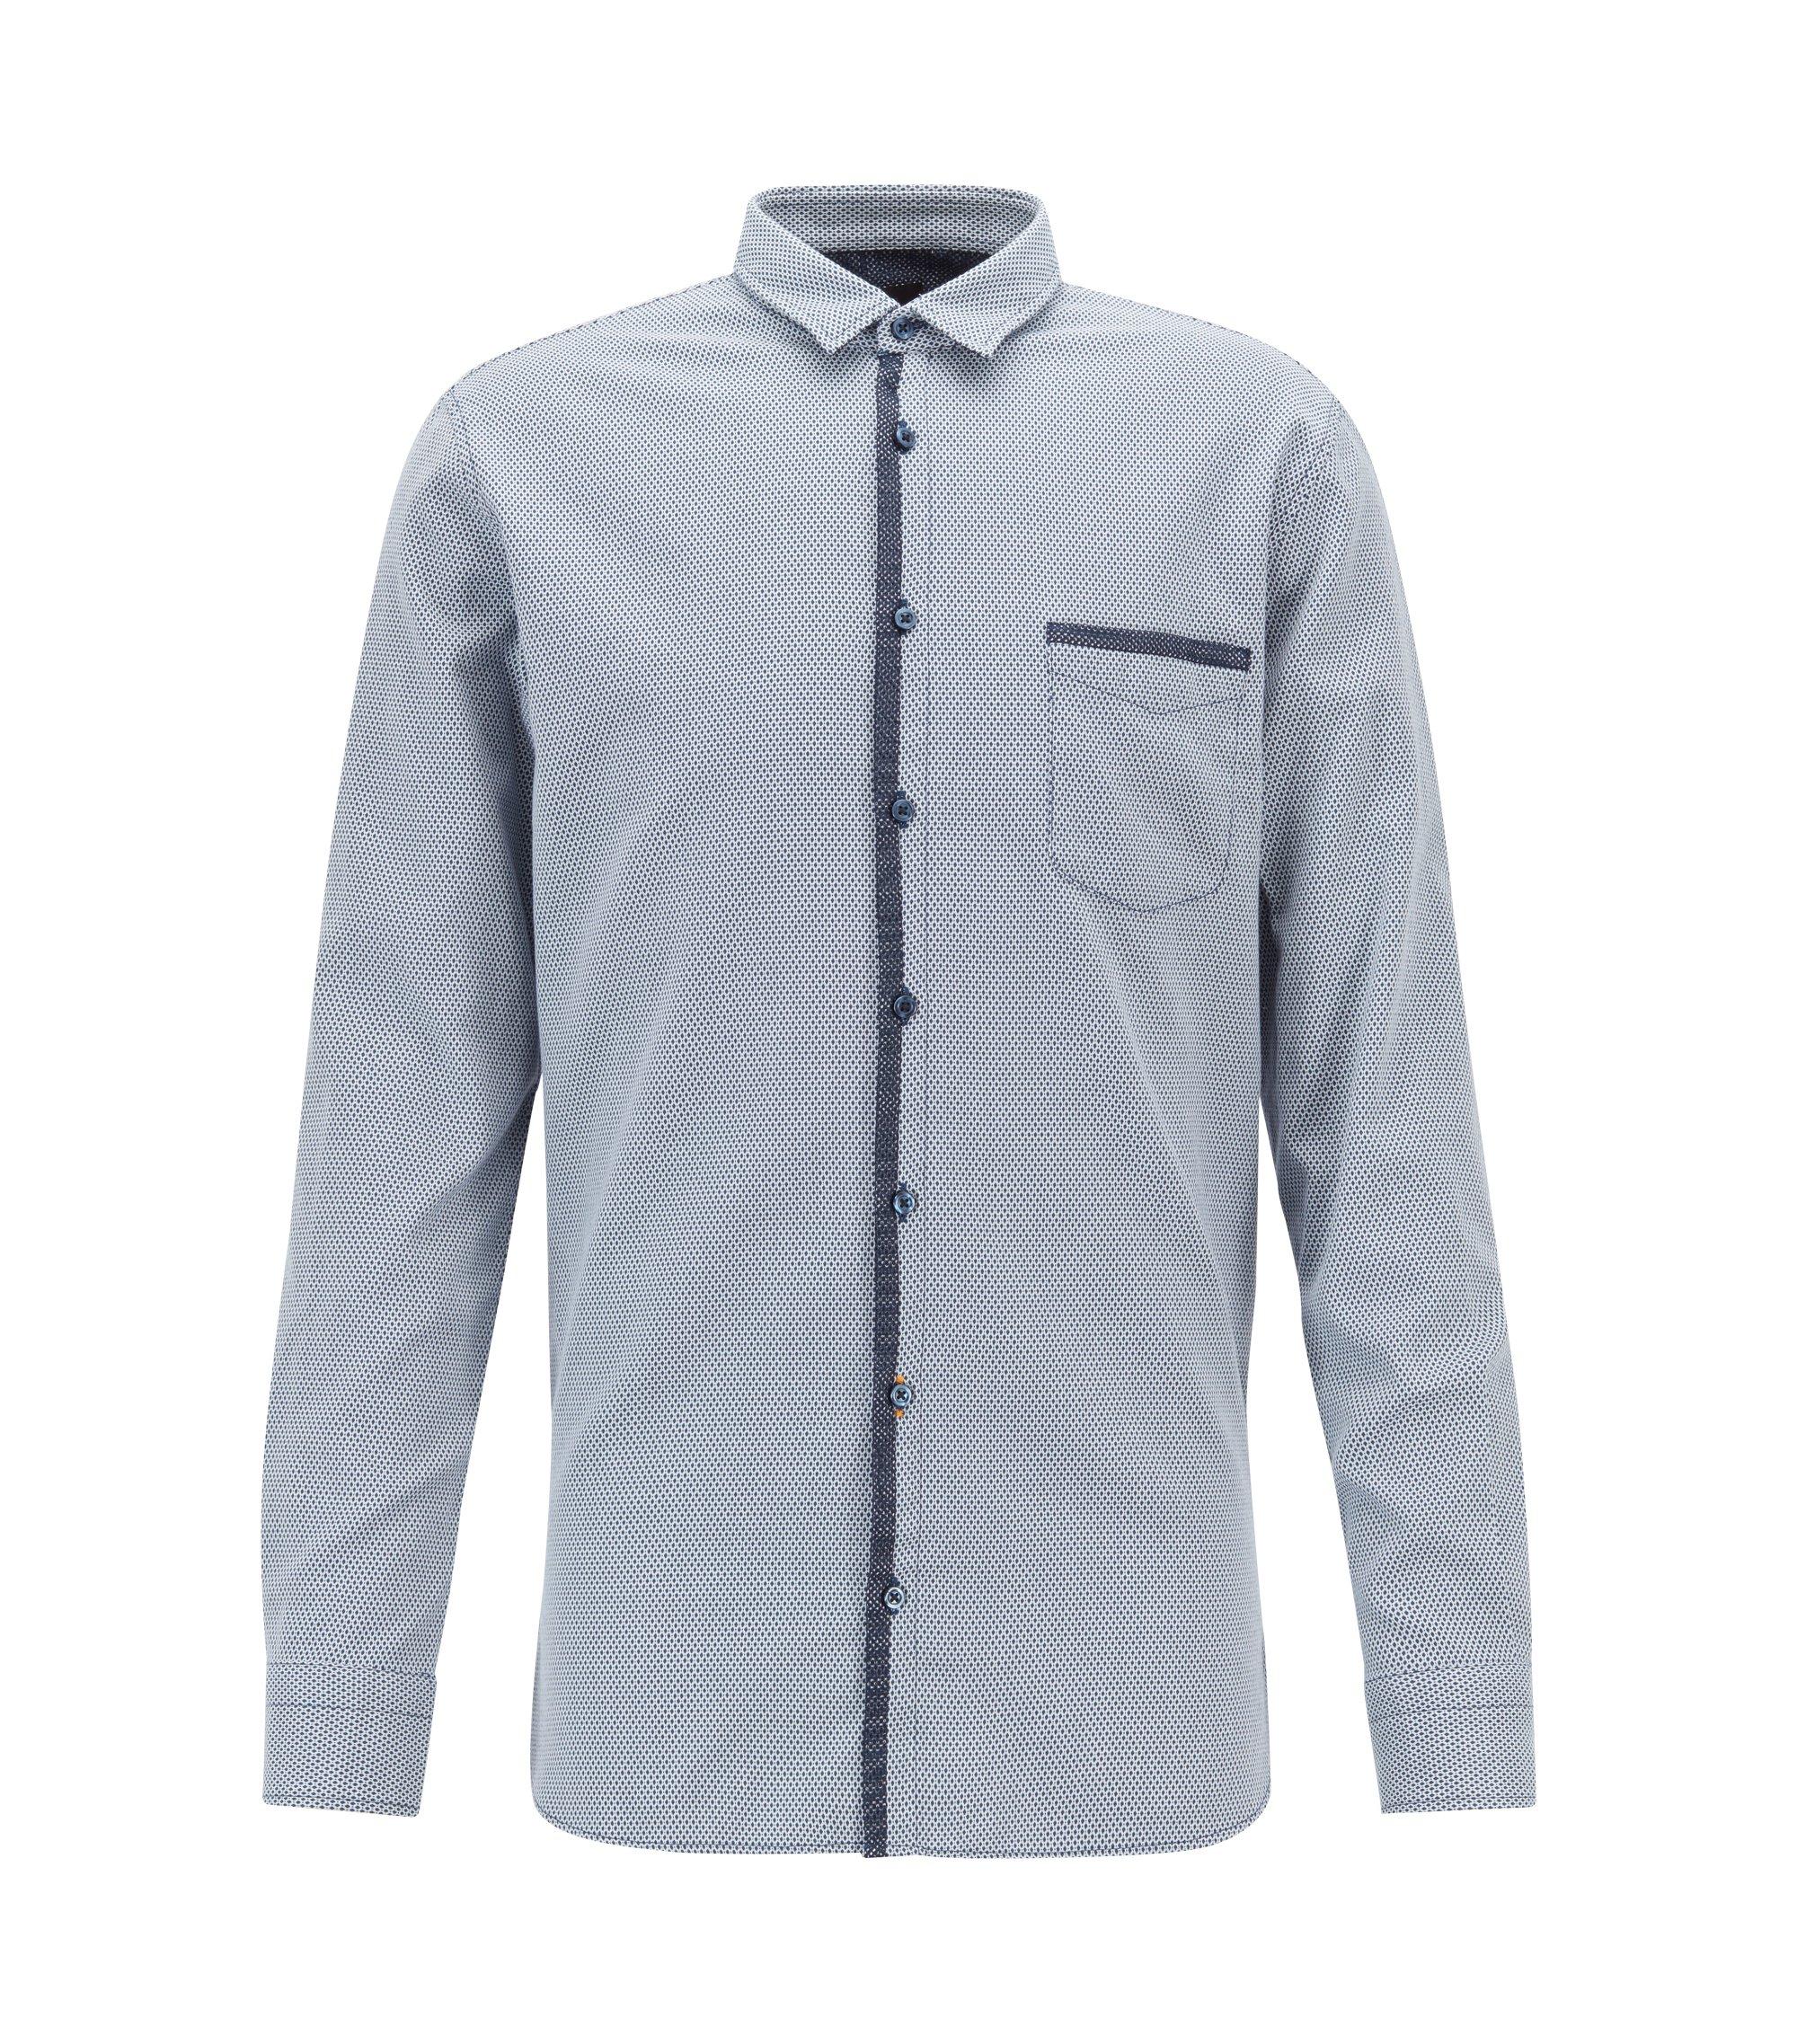 Camicia slim fit in cotone dobby elasticizzato con guarnizioni a rete, Blu scuro